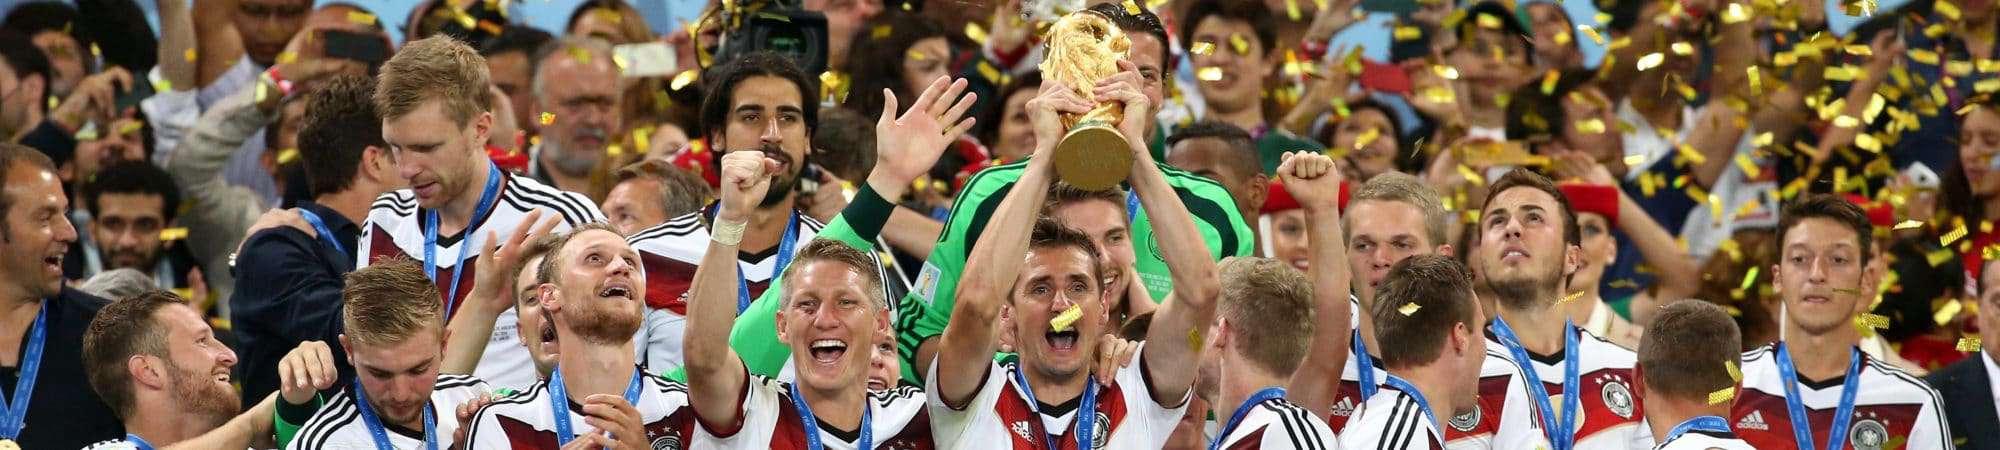 Alemanha na Copa do Mundo de 2014. Imagem: Shutterstock/A. Ricardo